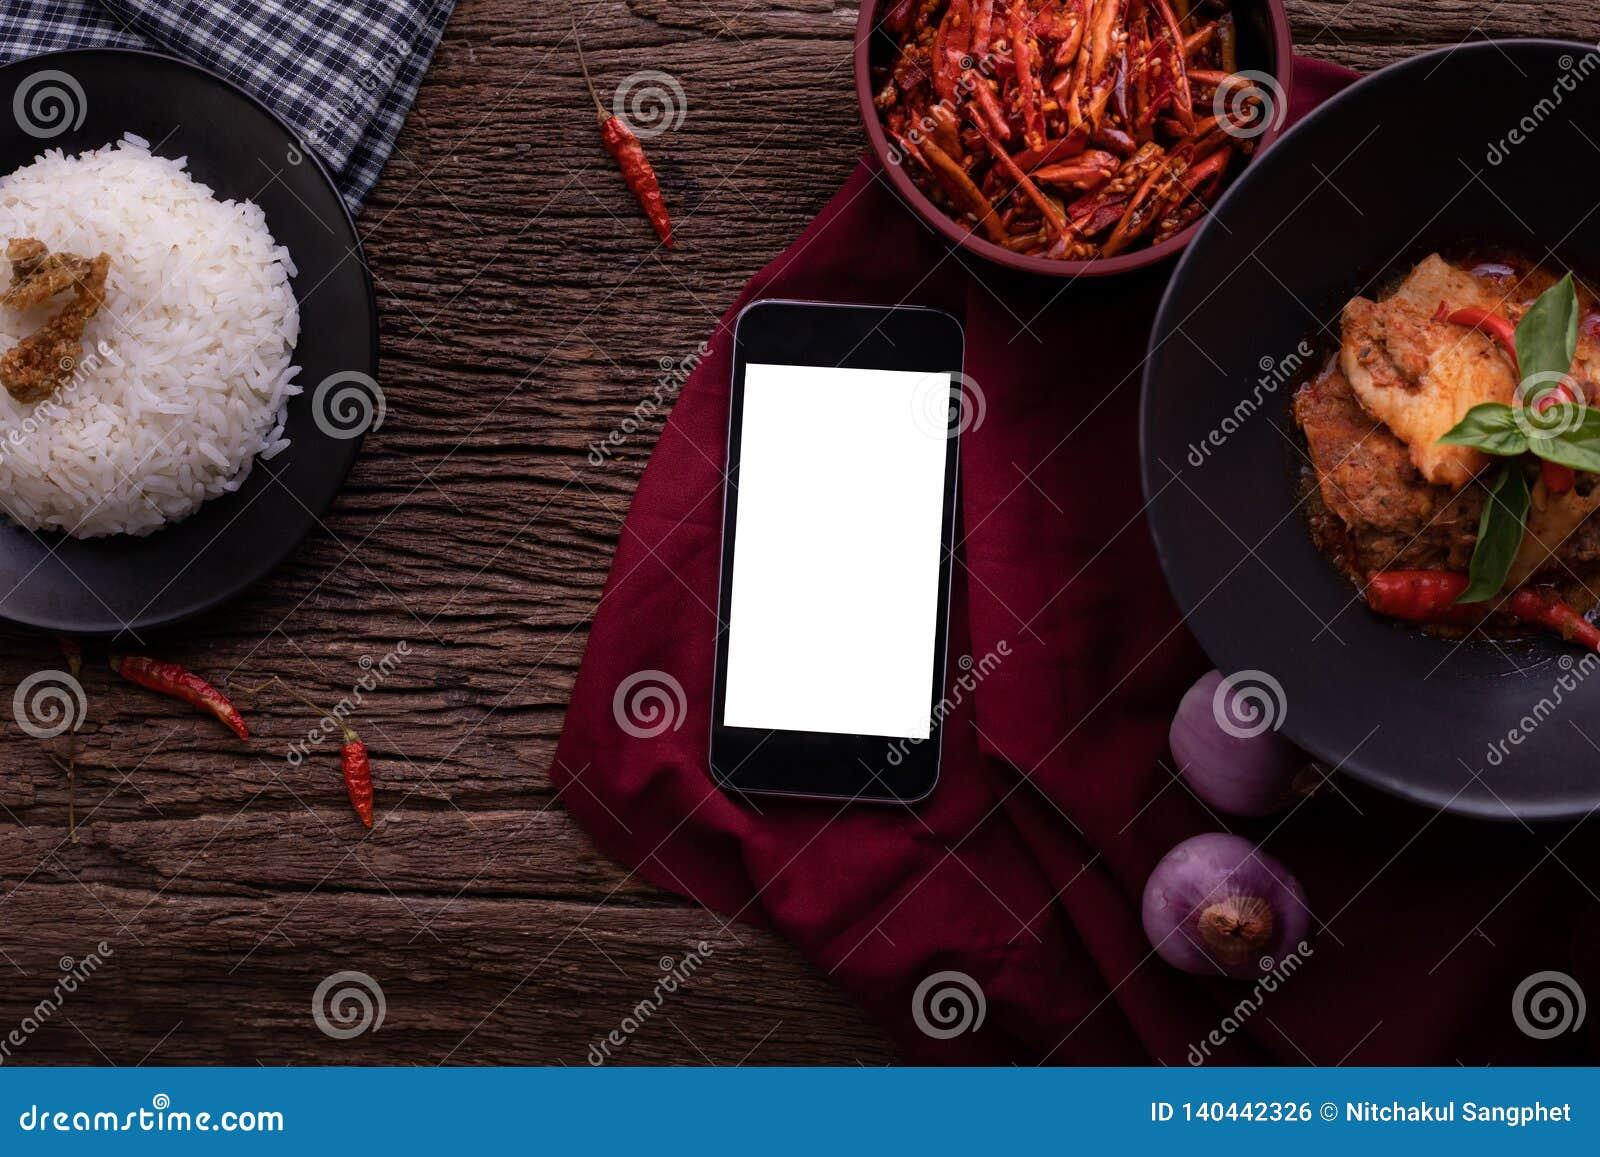 Küchentisch mit leerem Bildschirm auf intelligentem Telefon, Tablette, Handy und getrocknetem rotem Schweinefleischkokosnusscurry